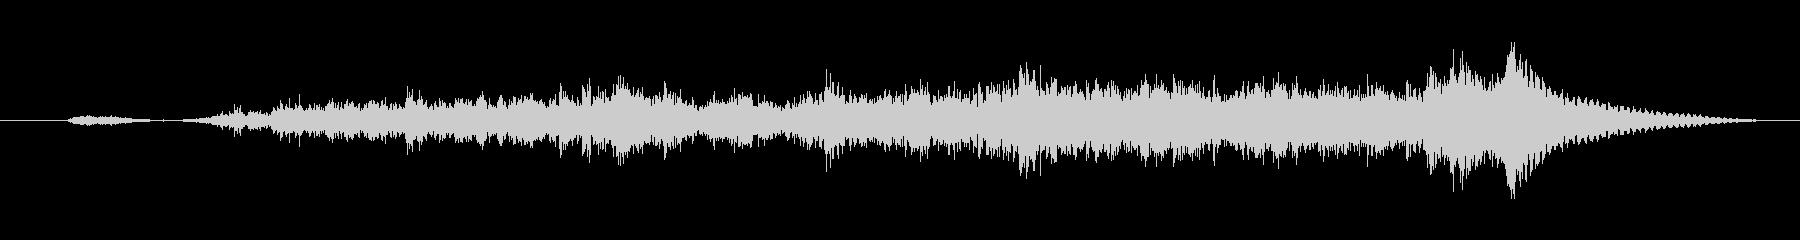 剣 ブレードスクレープロング06の未再生の波形